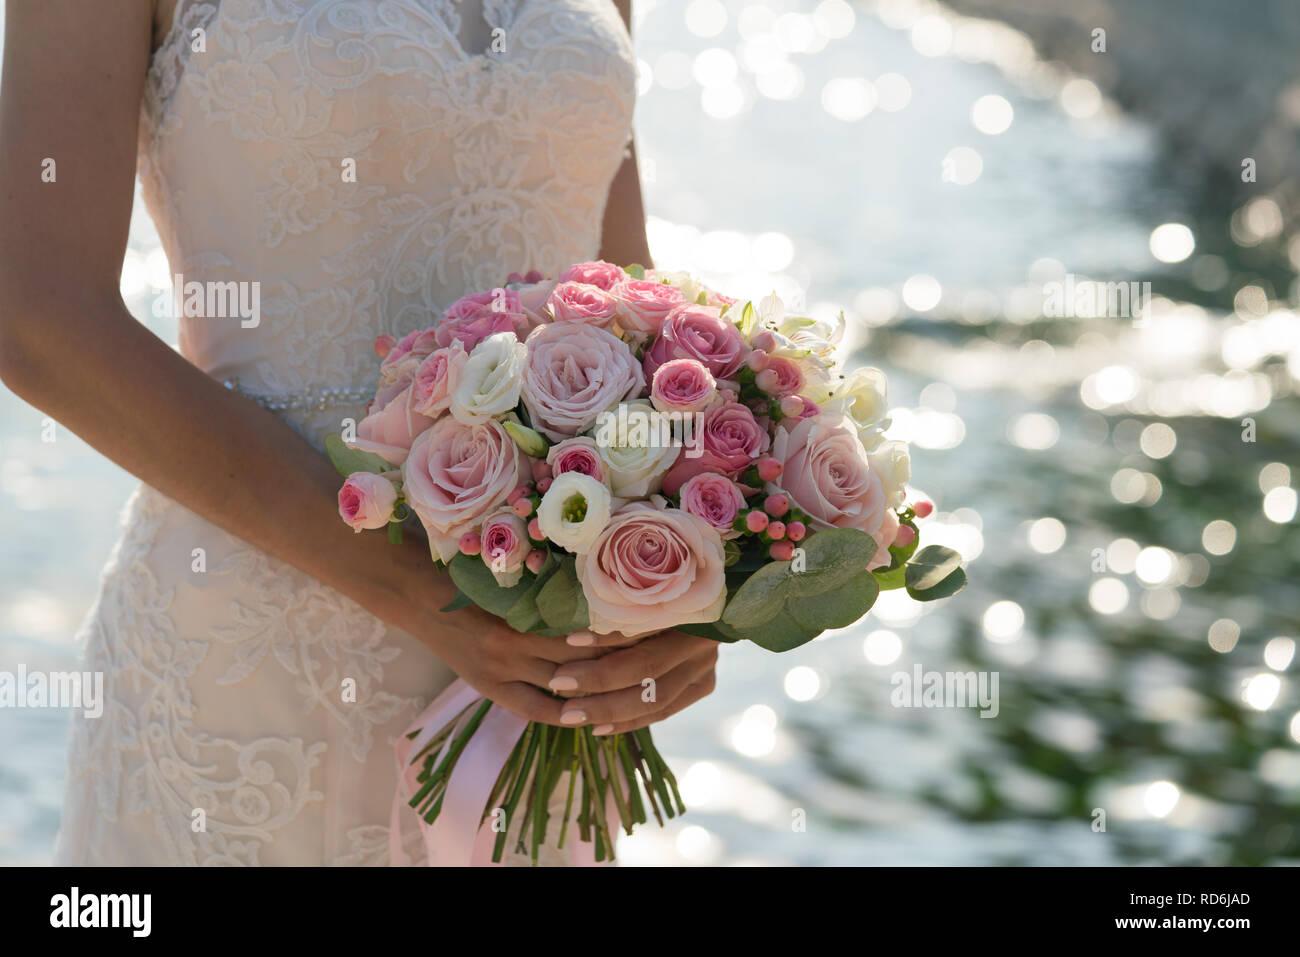 Bouquet Sposa Rosa E Bianco.Sposa Tiene In Mano Una Rosa E Bianco Bouquet Nozze Sullo Sfondo